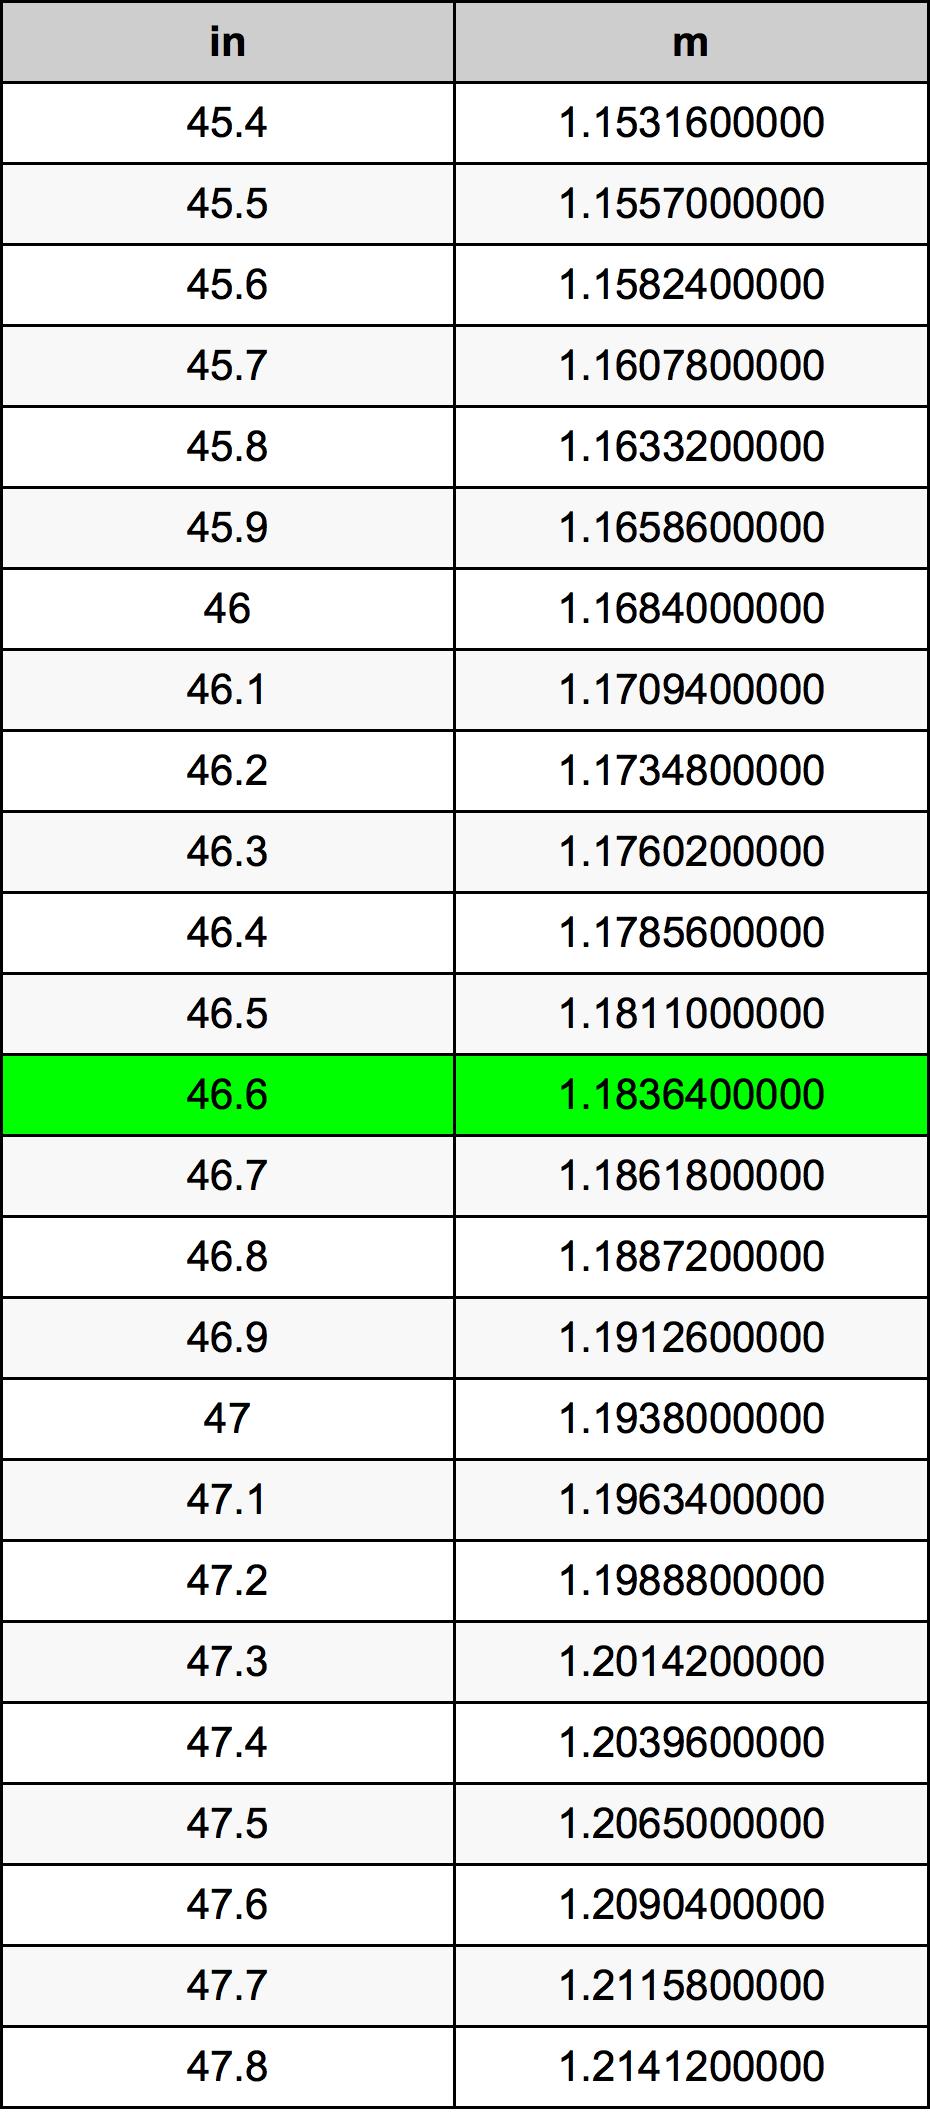 46.6 Tomme konverteringstabellen